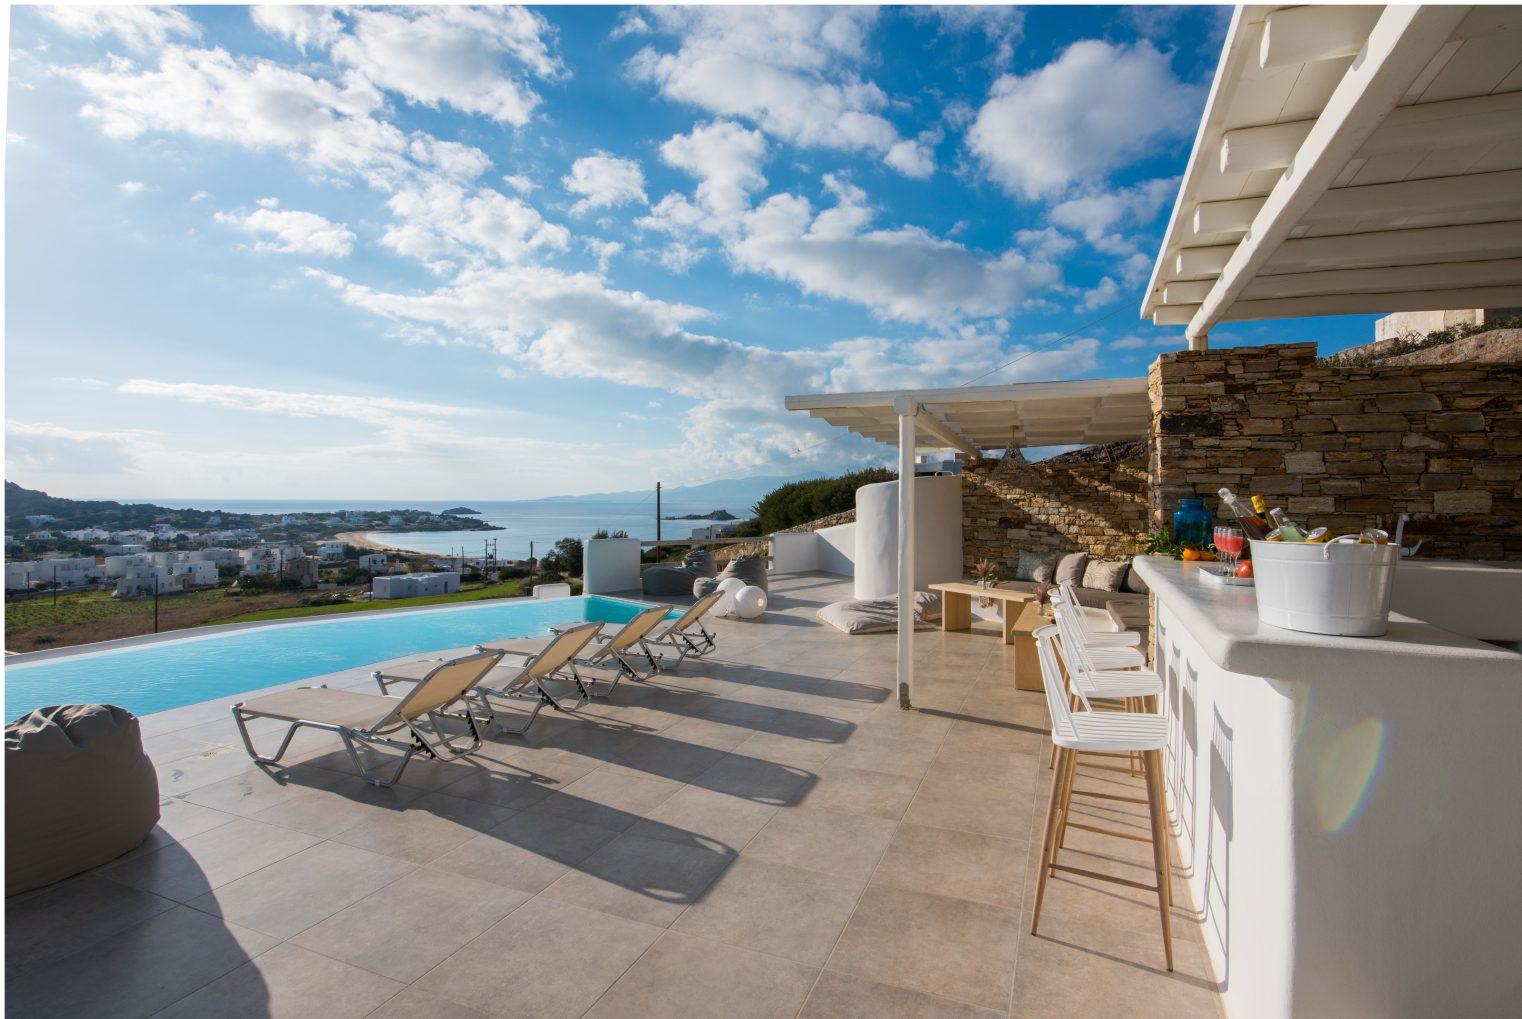 villas in naxos